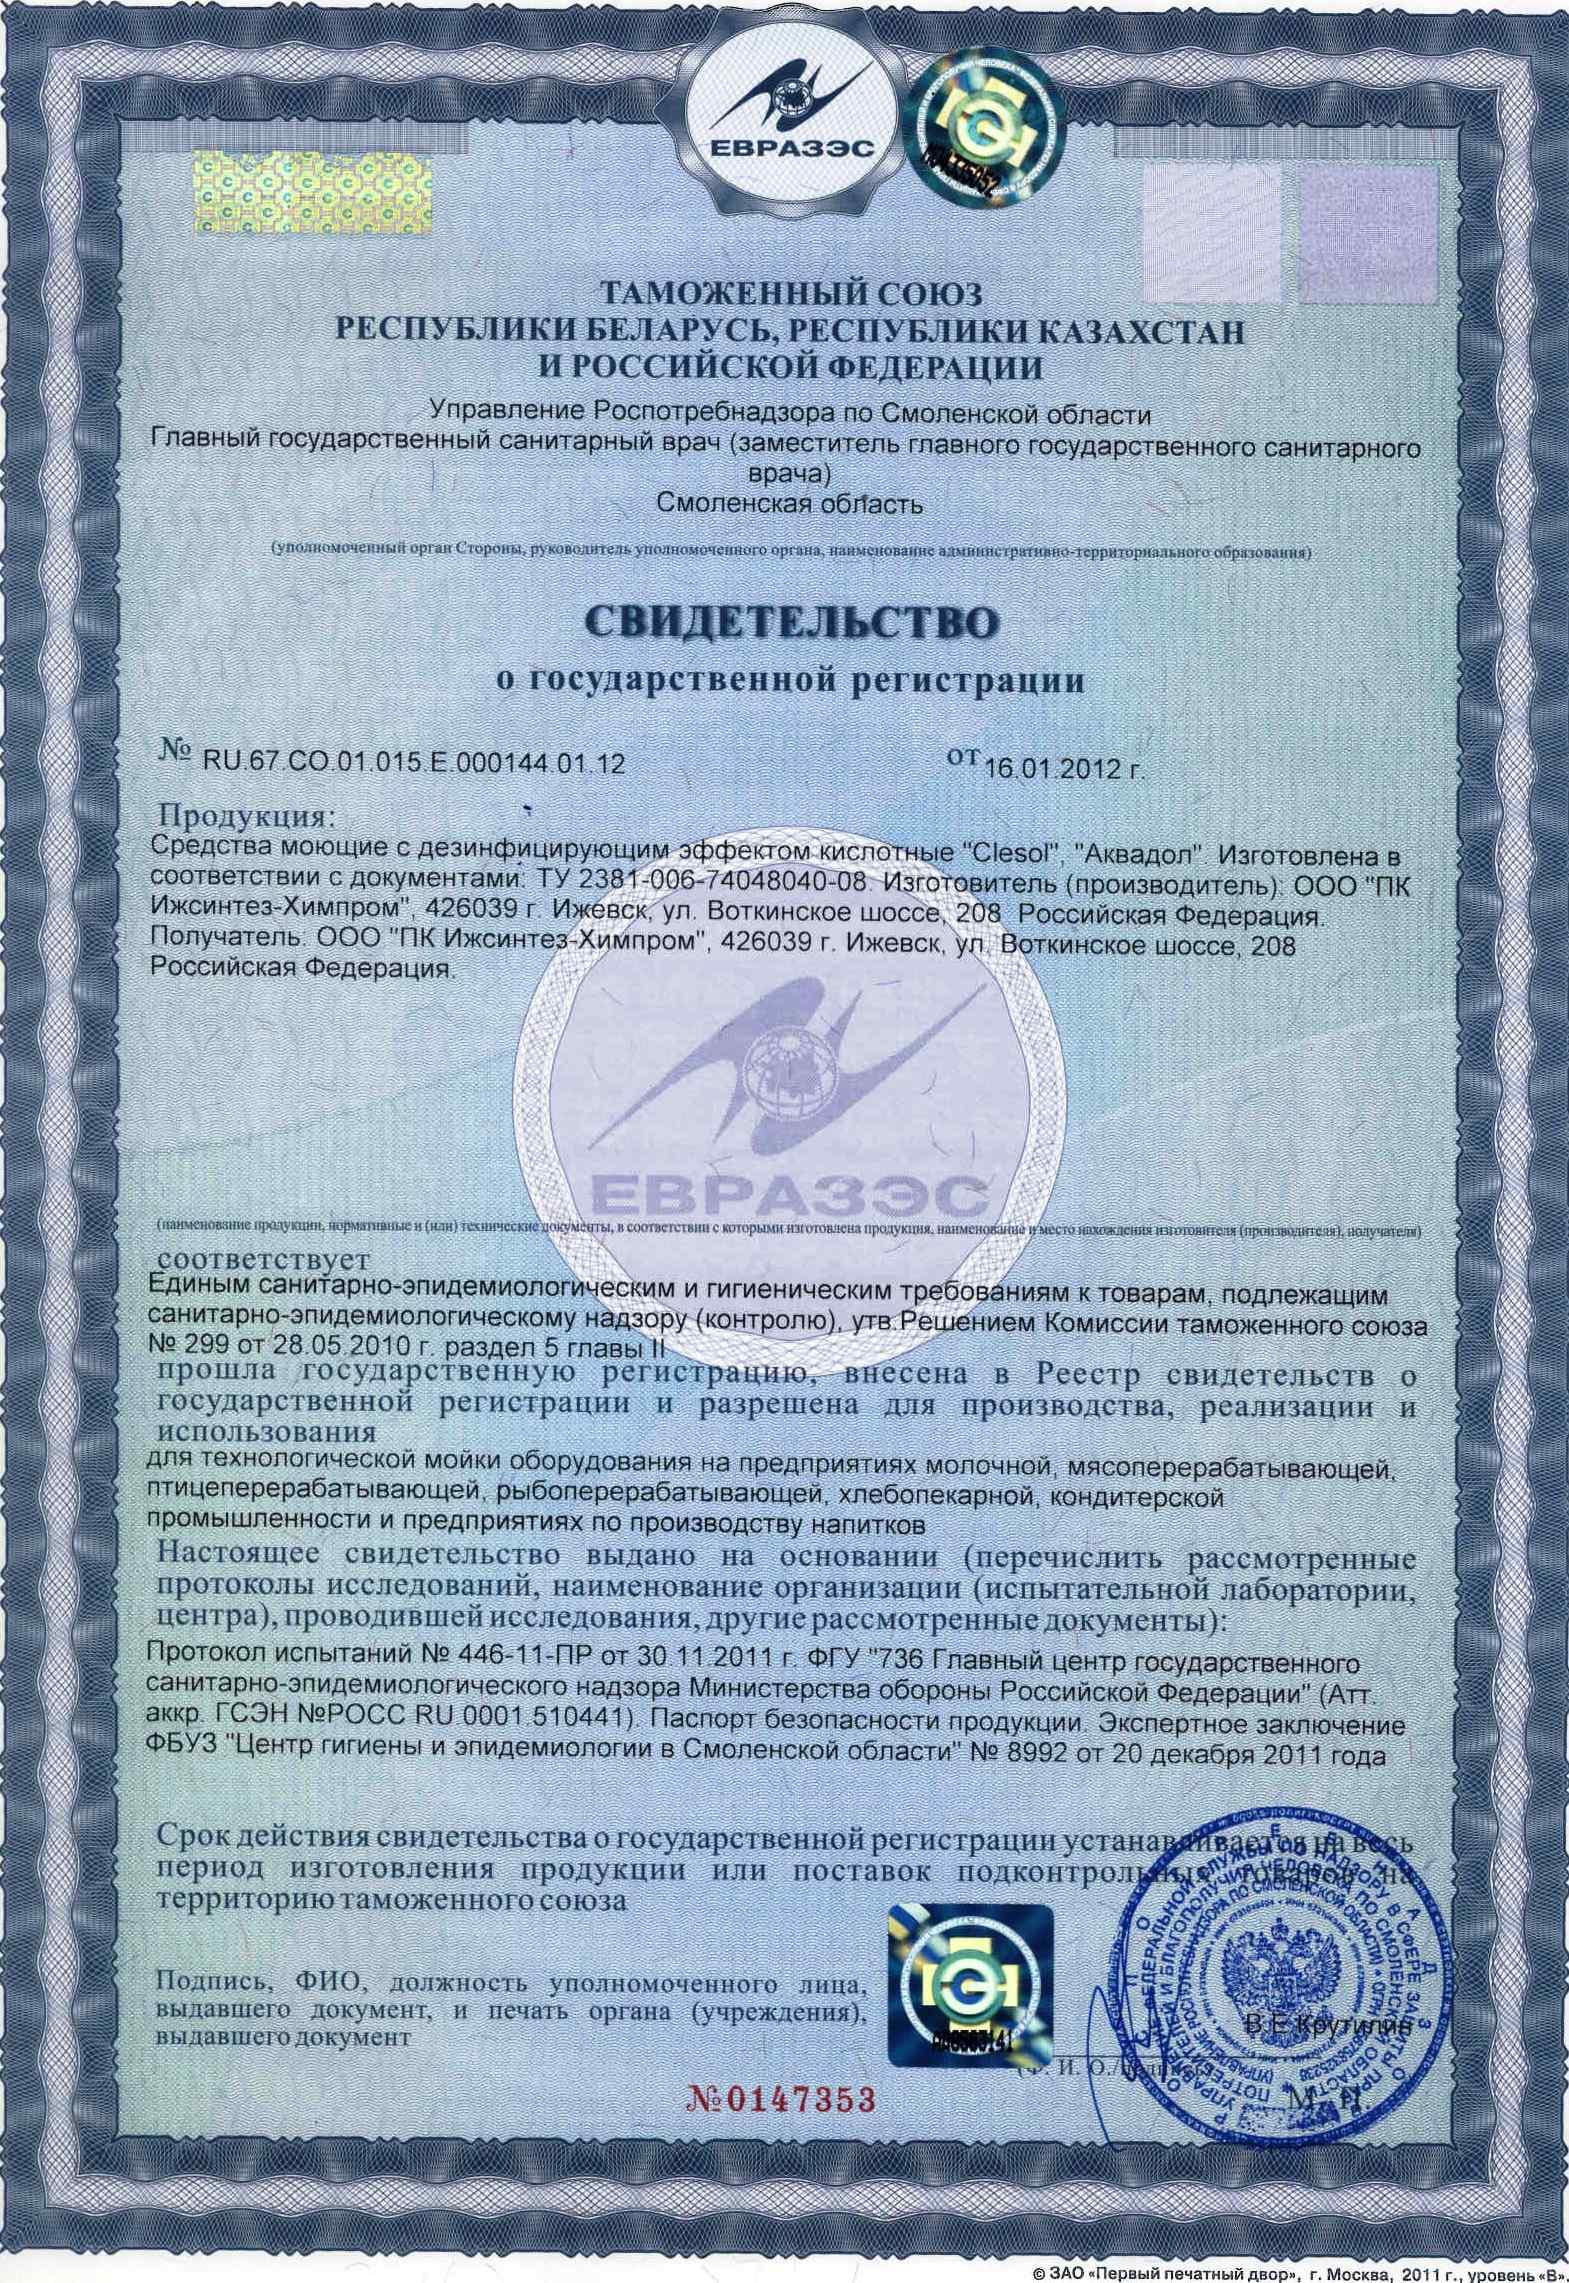 Свидетельство о государственной регистрации. Продукция: средства моющие с дезинфицирующим эффектом кислотные.